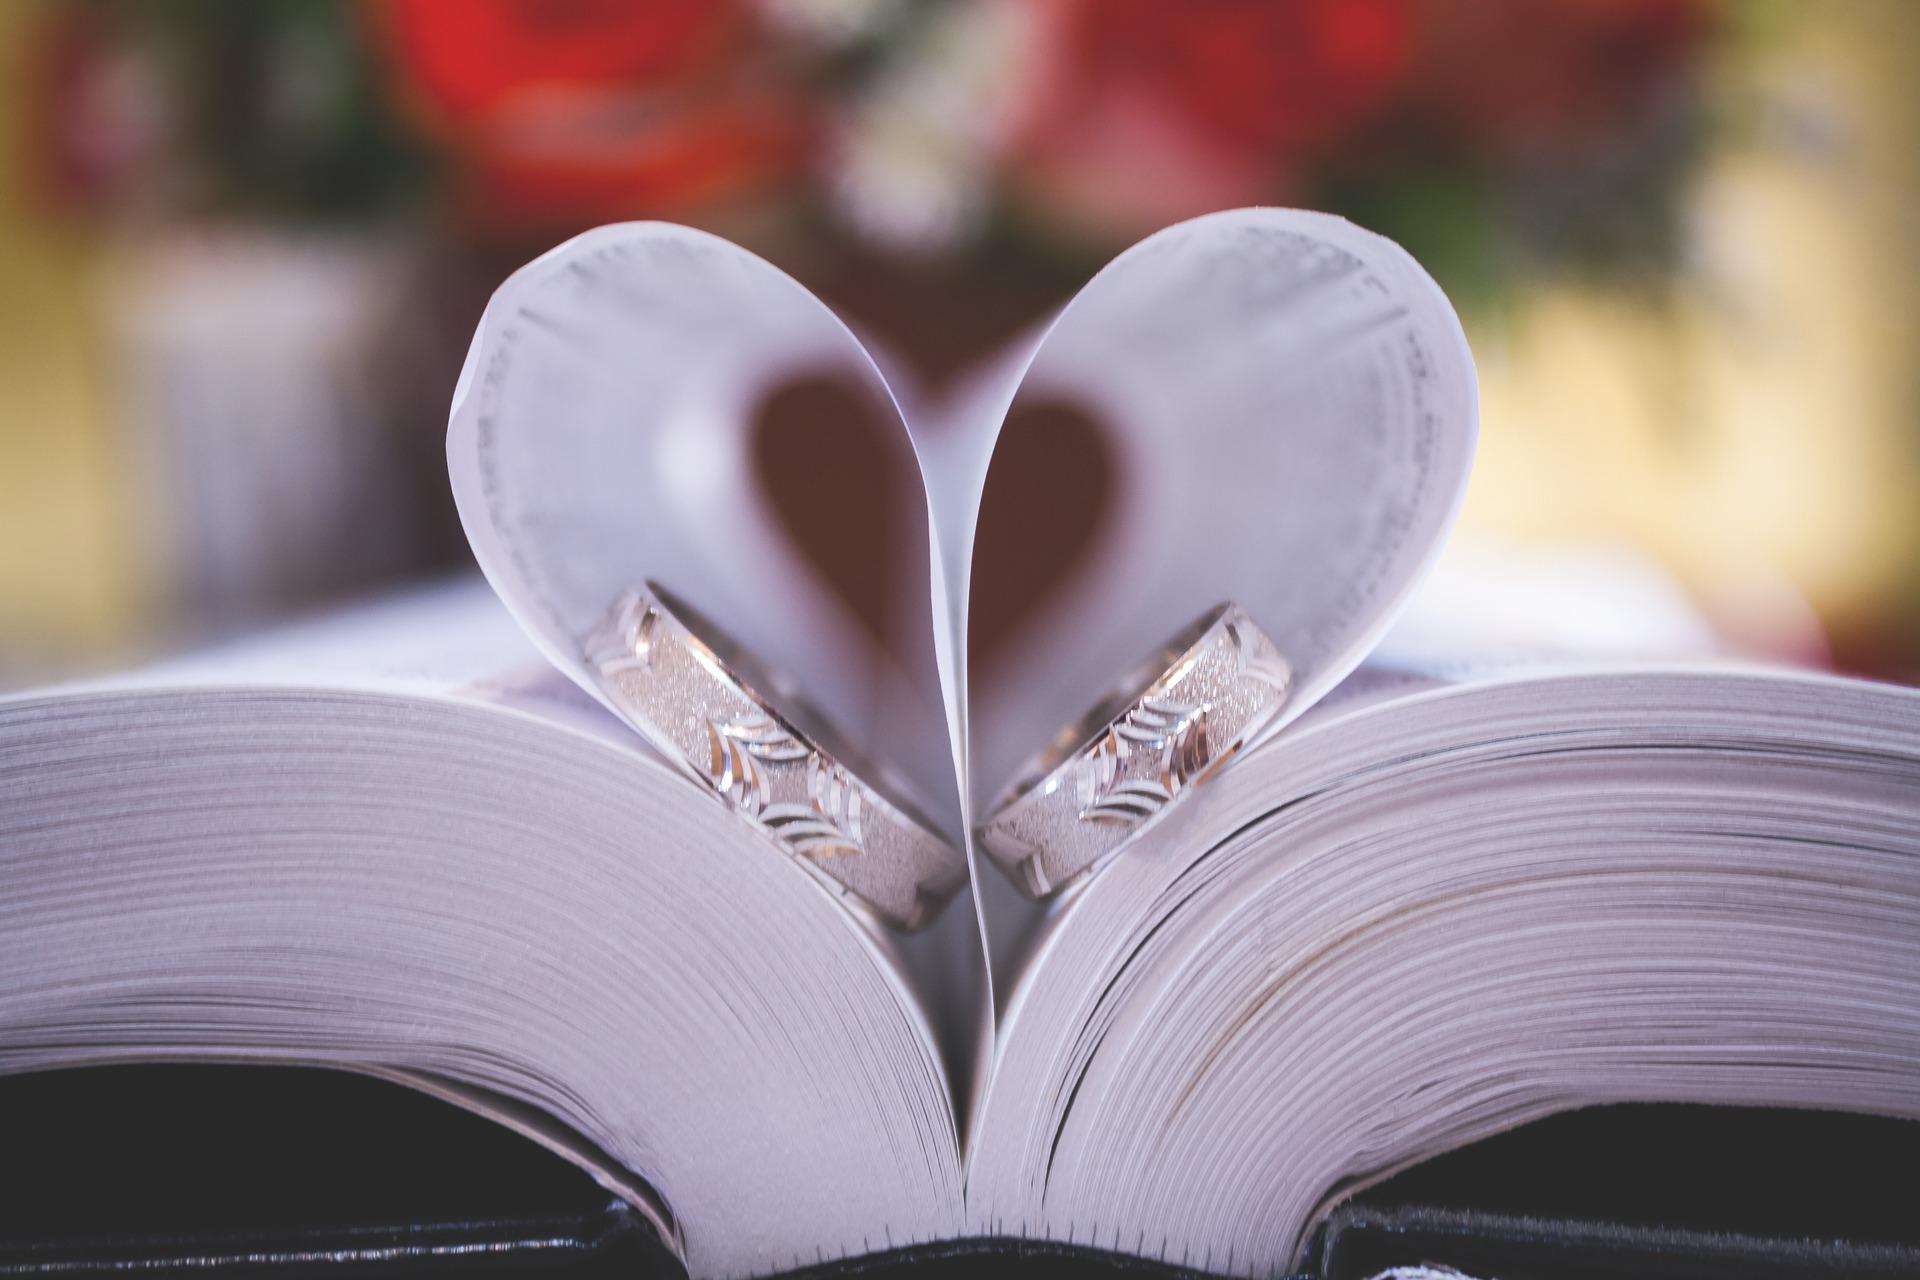 プロポーズ から 結婚式 まで 段取り 結婚指輪 決める